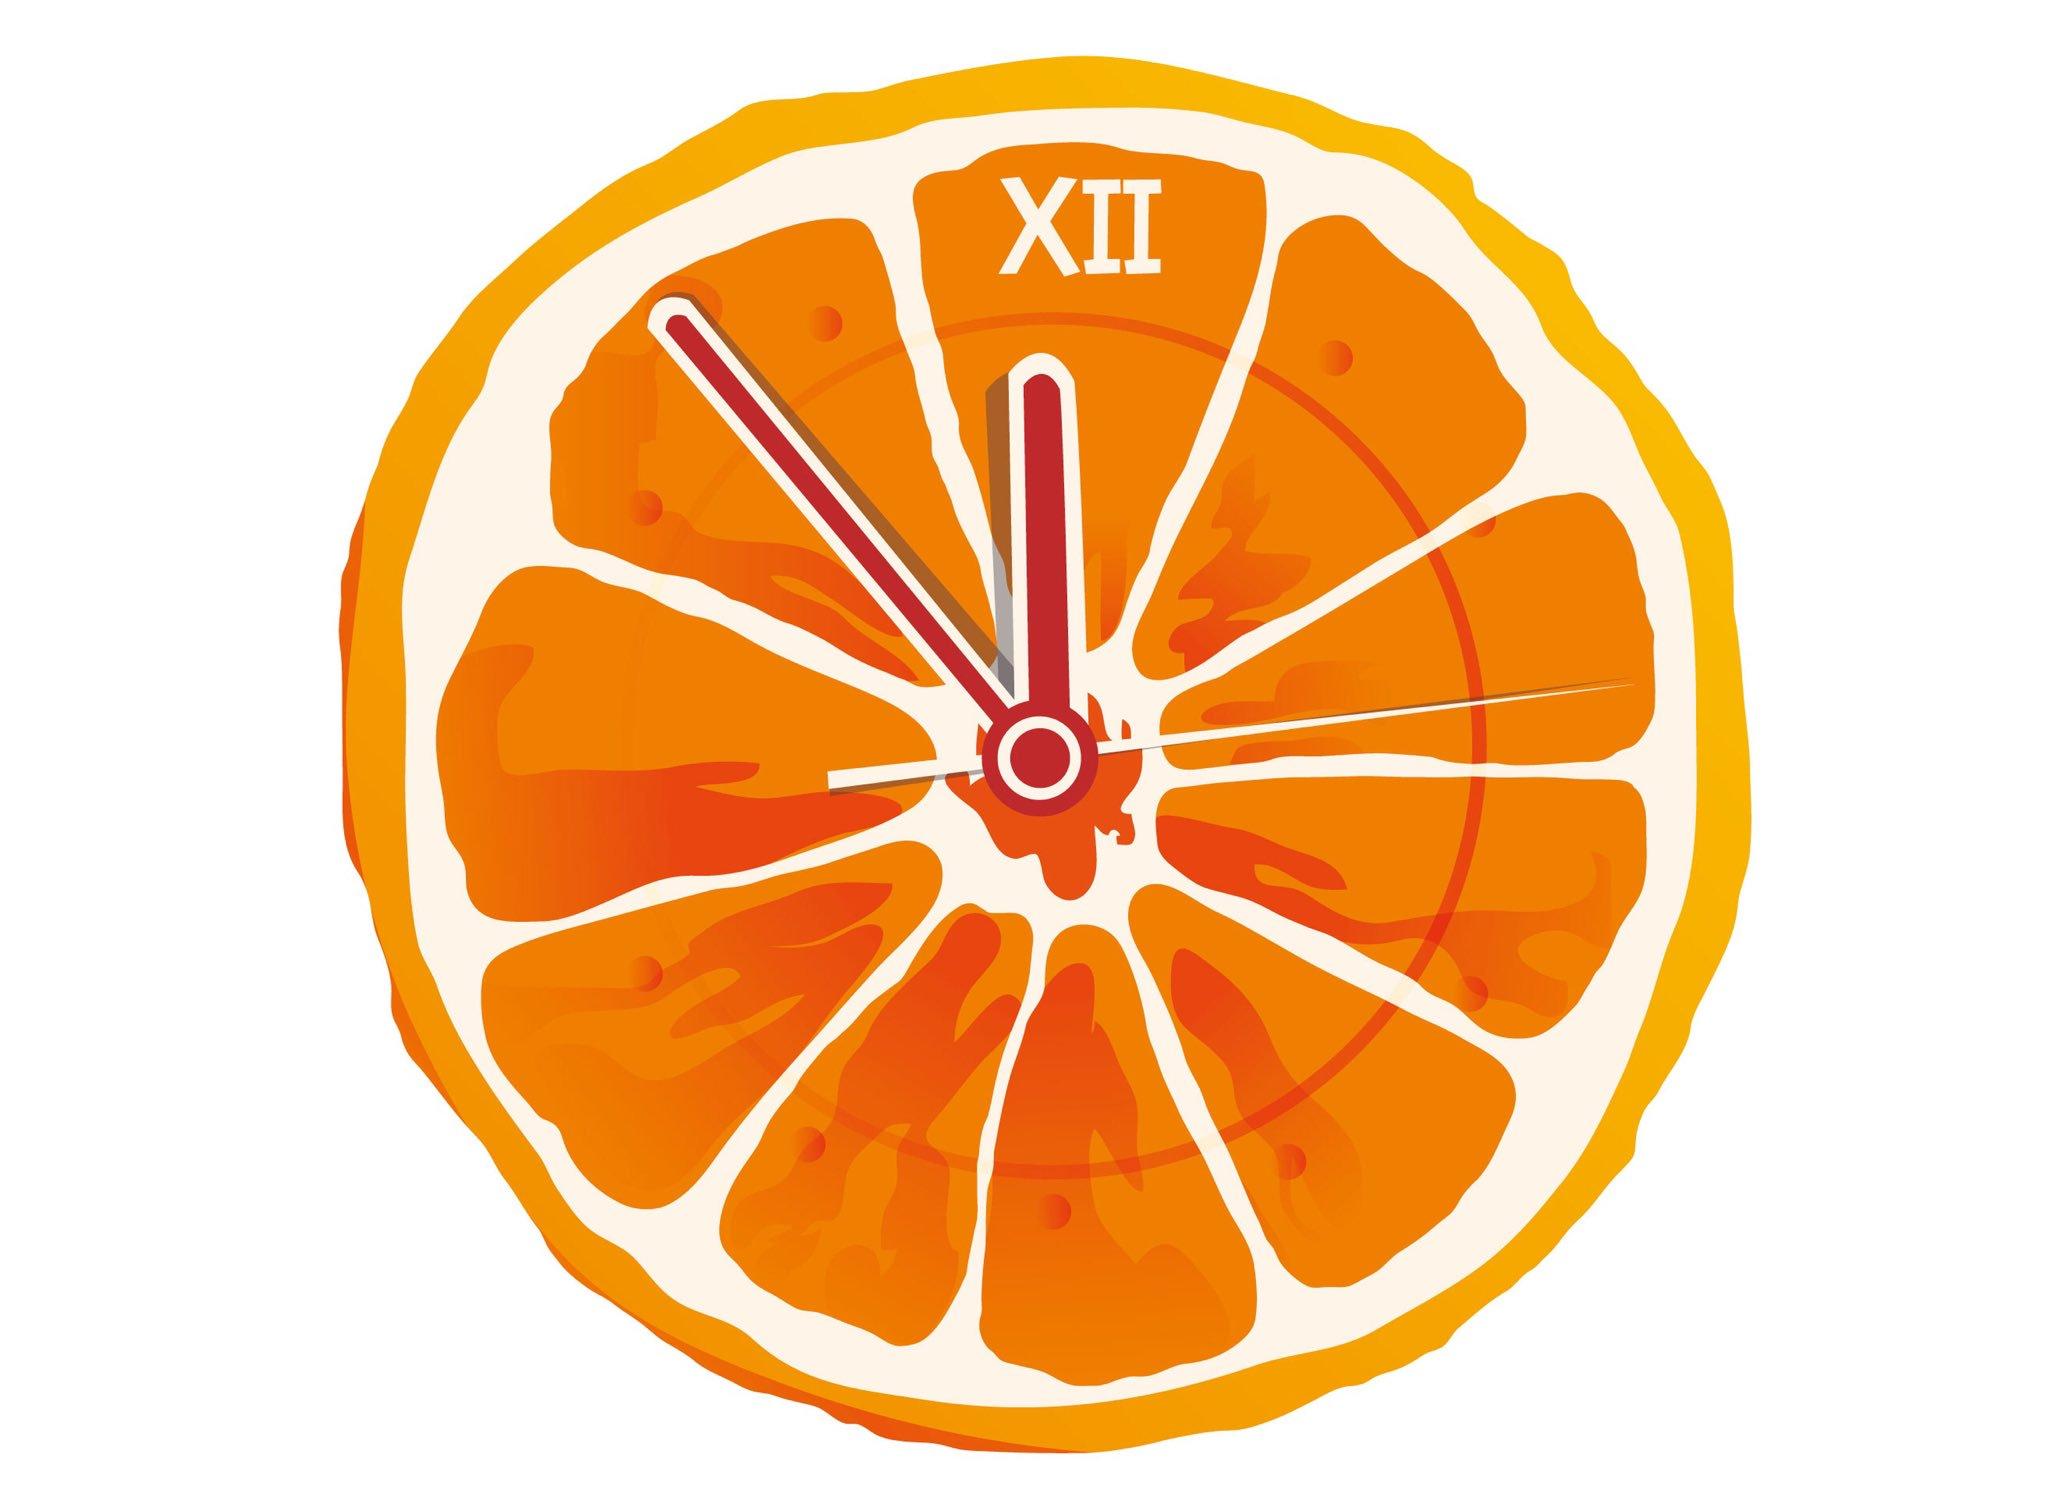 эмблема апельсин фото традиционно благодарим